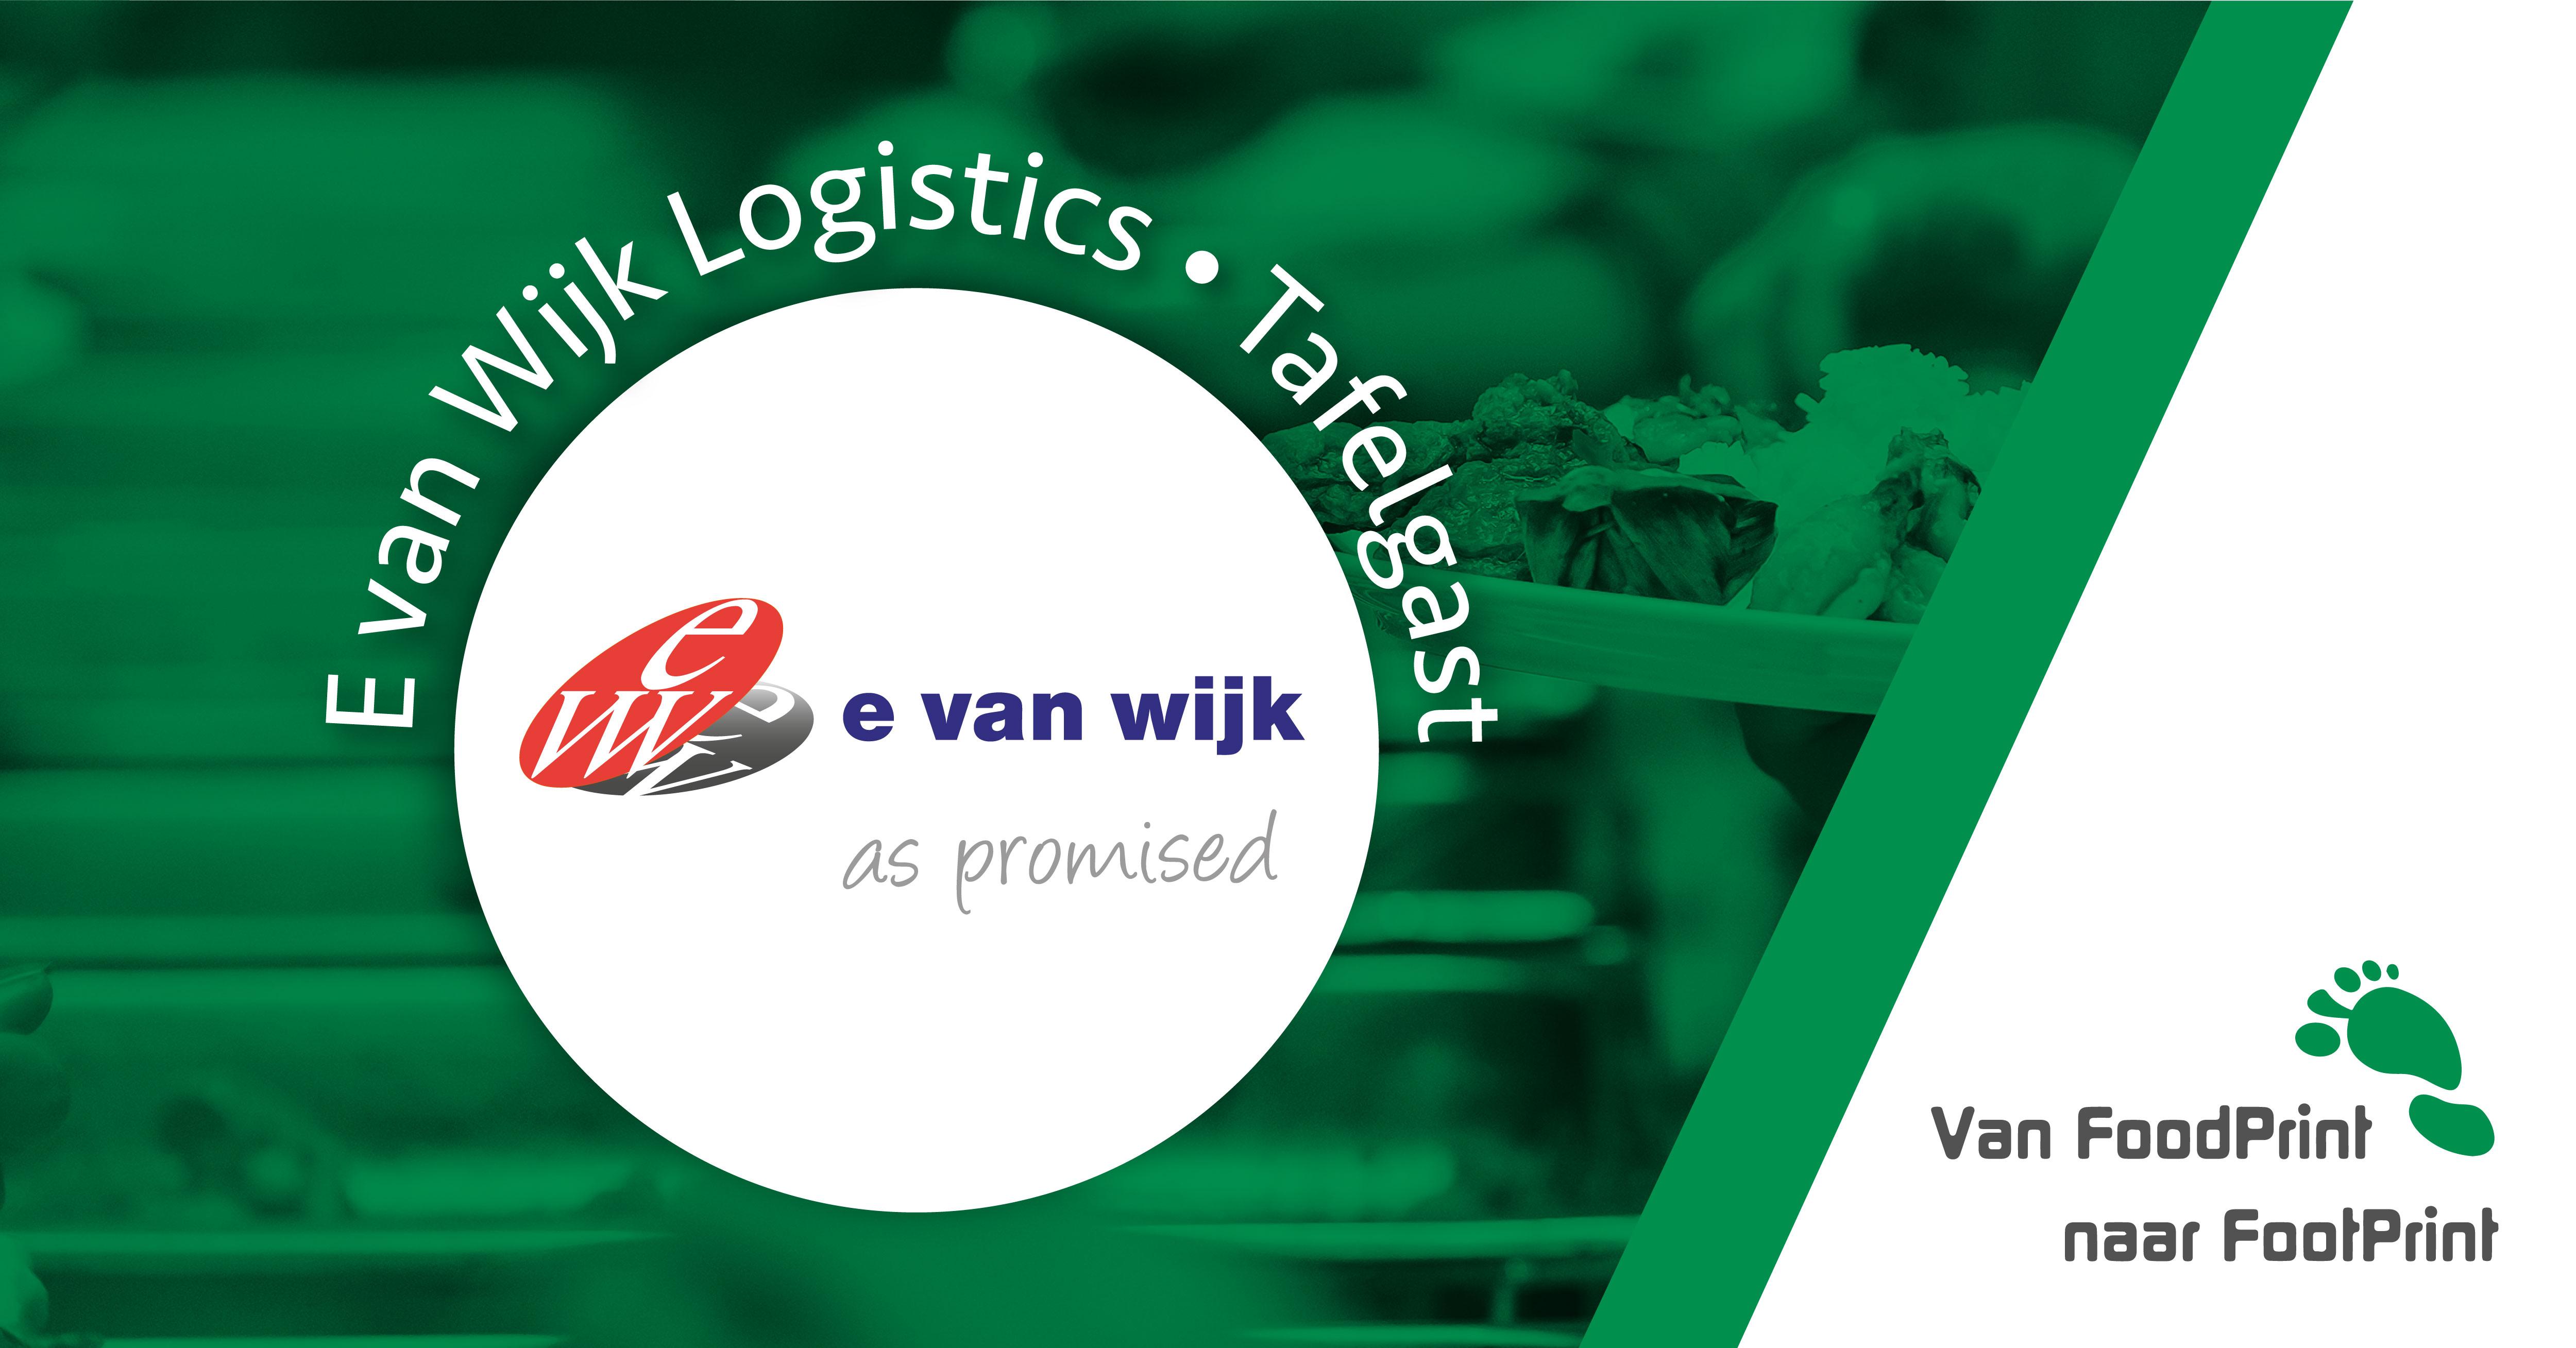 E. van Wijk is letterlijk en figuurlijk 'Always on the move'